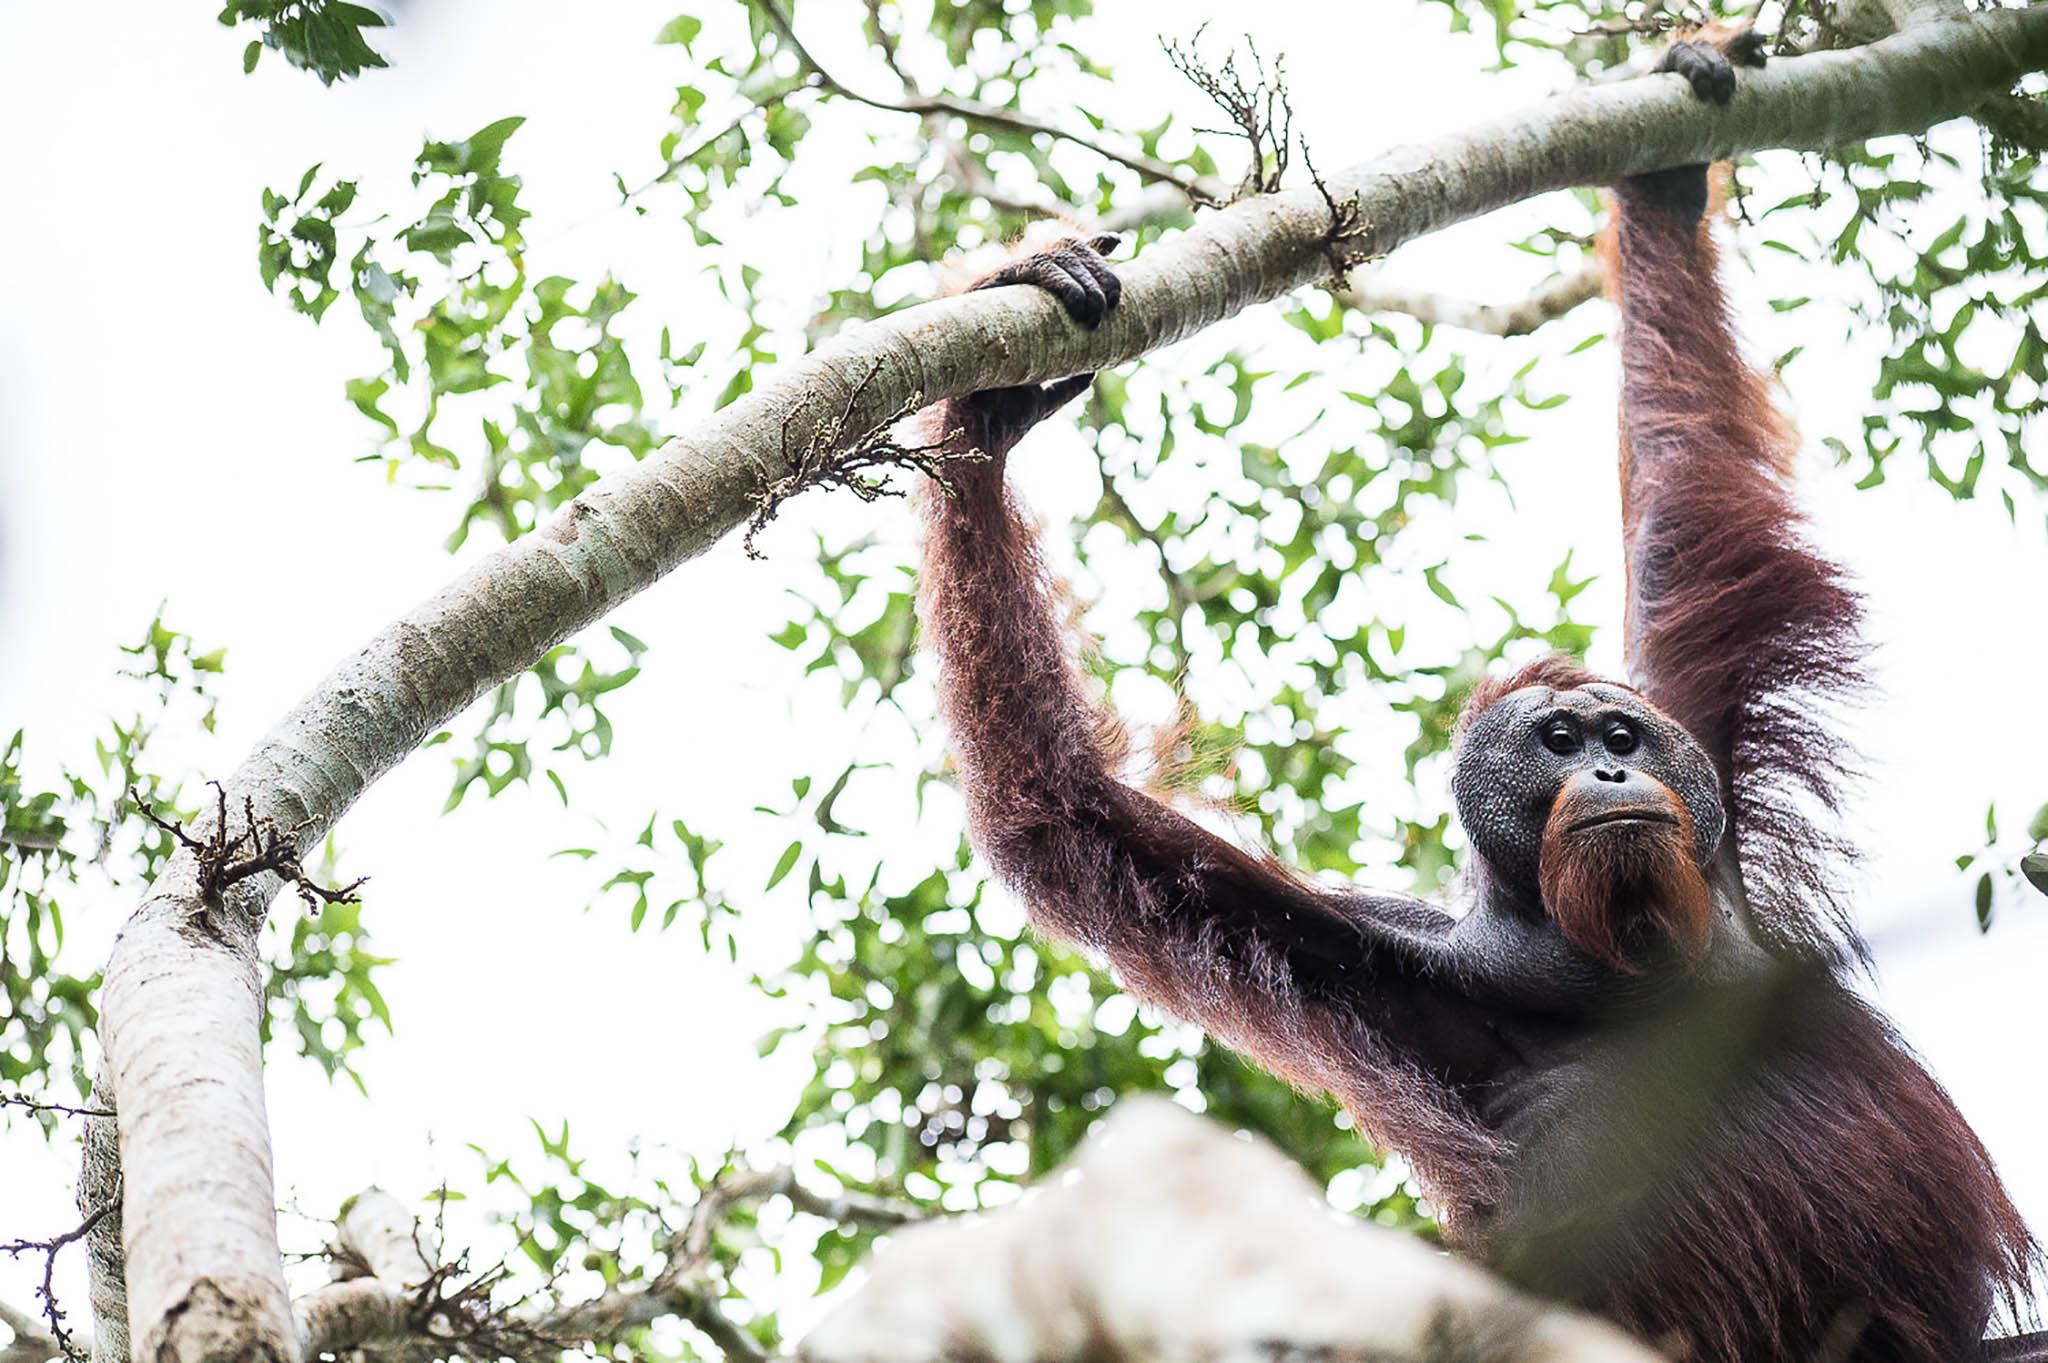 Sikke en flot fyr. Ud over at det var en helt fantastisk oplevelse at vise min datter på 8 år en vild orangutang på nærmeste hold, så var det også en fornøjelse at være tæt nok på til rent faktisk at kunne fotografere ham under nogenlunde fornuftige forhold (billede 1)